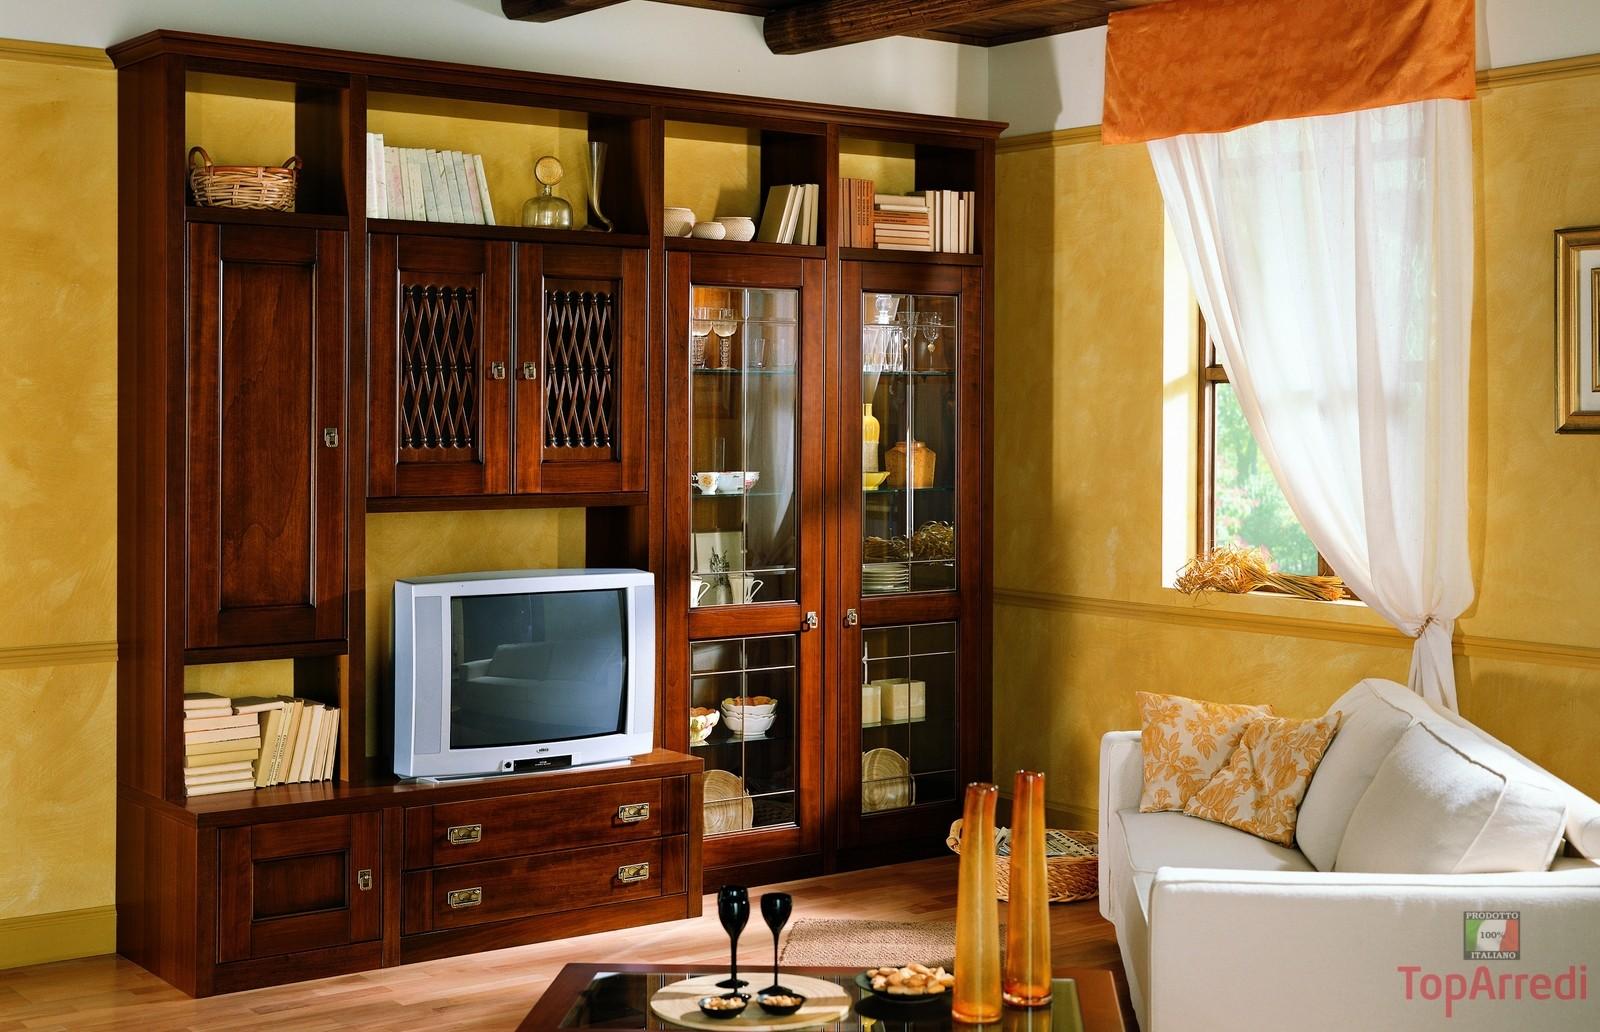 Arredamento e mobili online tre consigli utili per arredare un soggiorno in stile classico - Mobili tv classici ...